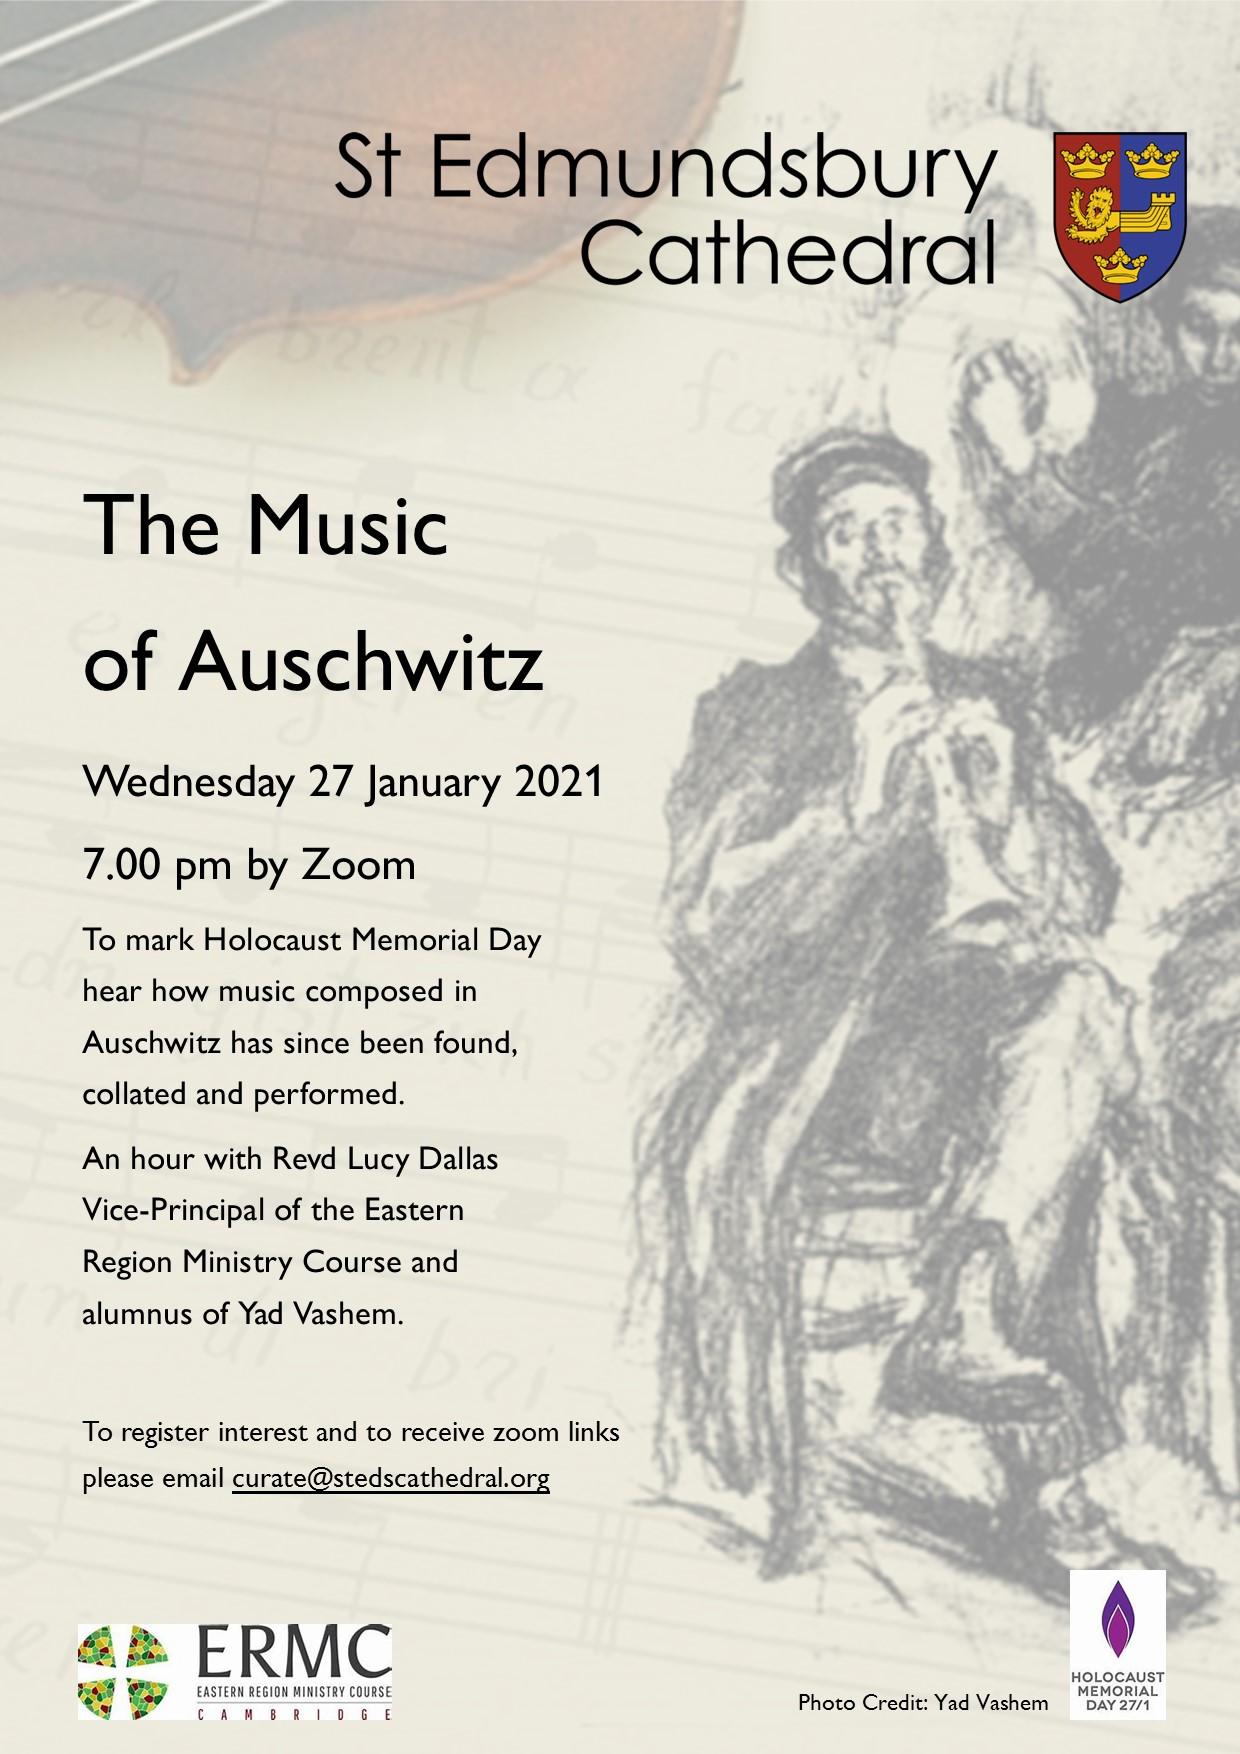 The Music of Auschwitz